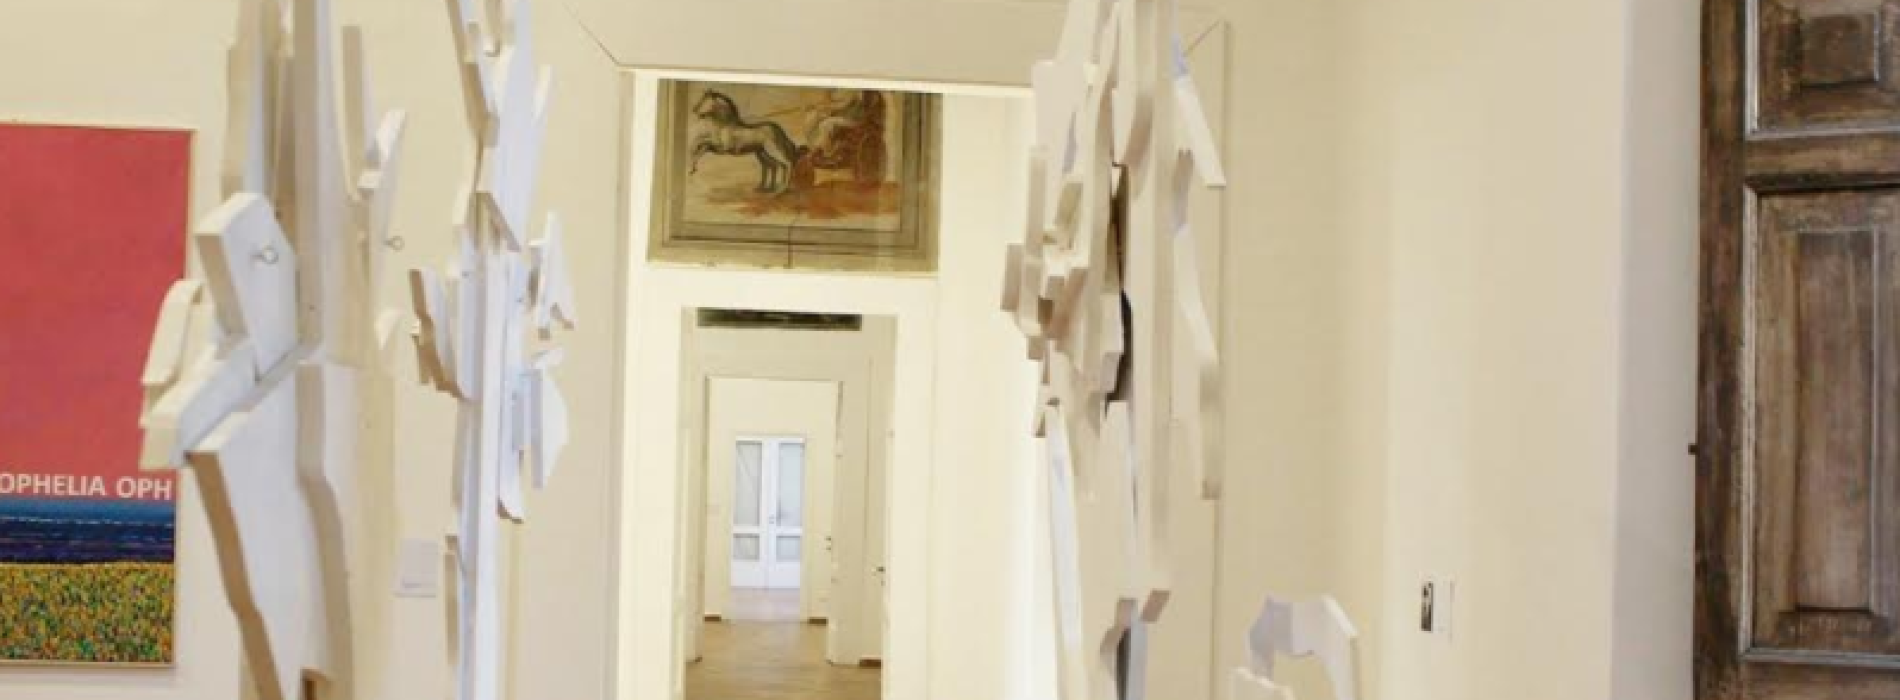 Capodrise, il Palazzo delle Arti diventa operativo